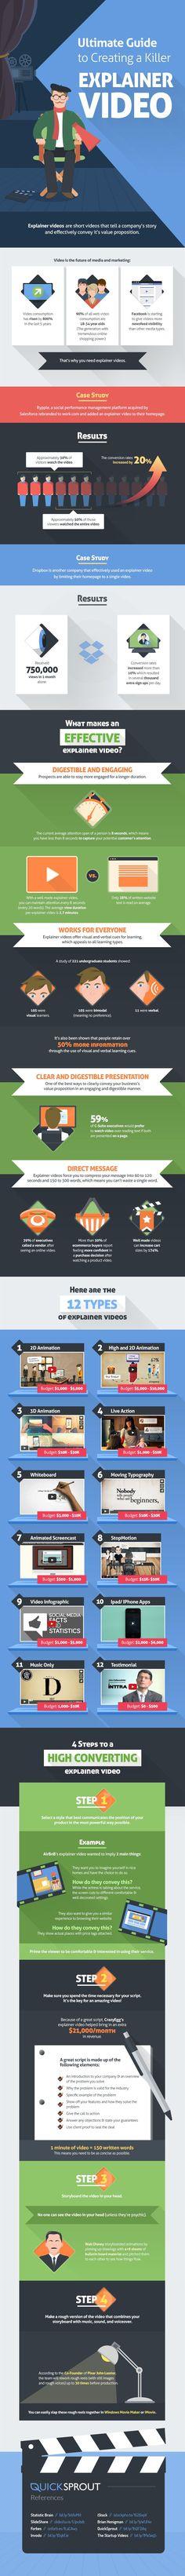 Cómo crear un vídeo que impacte